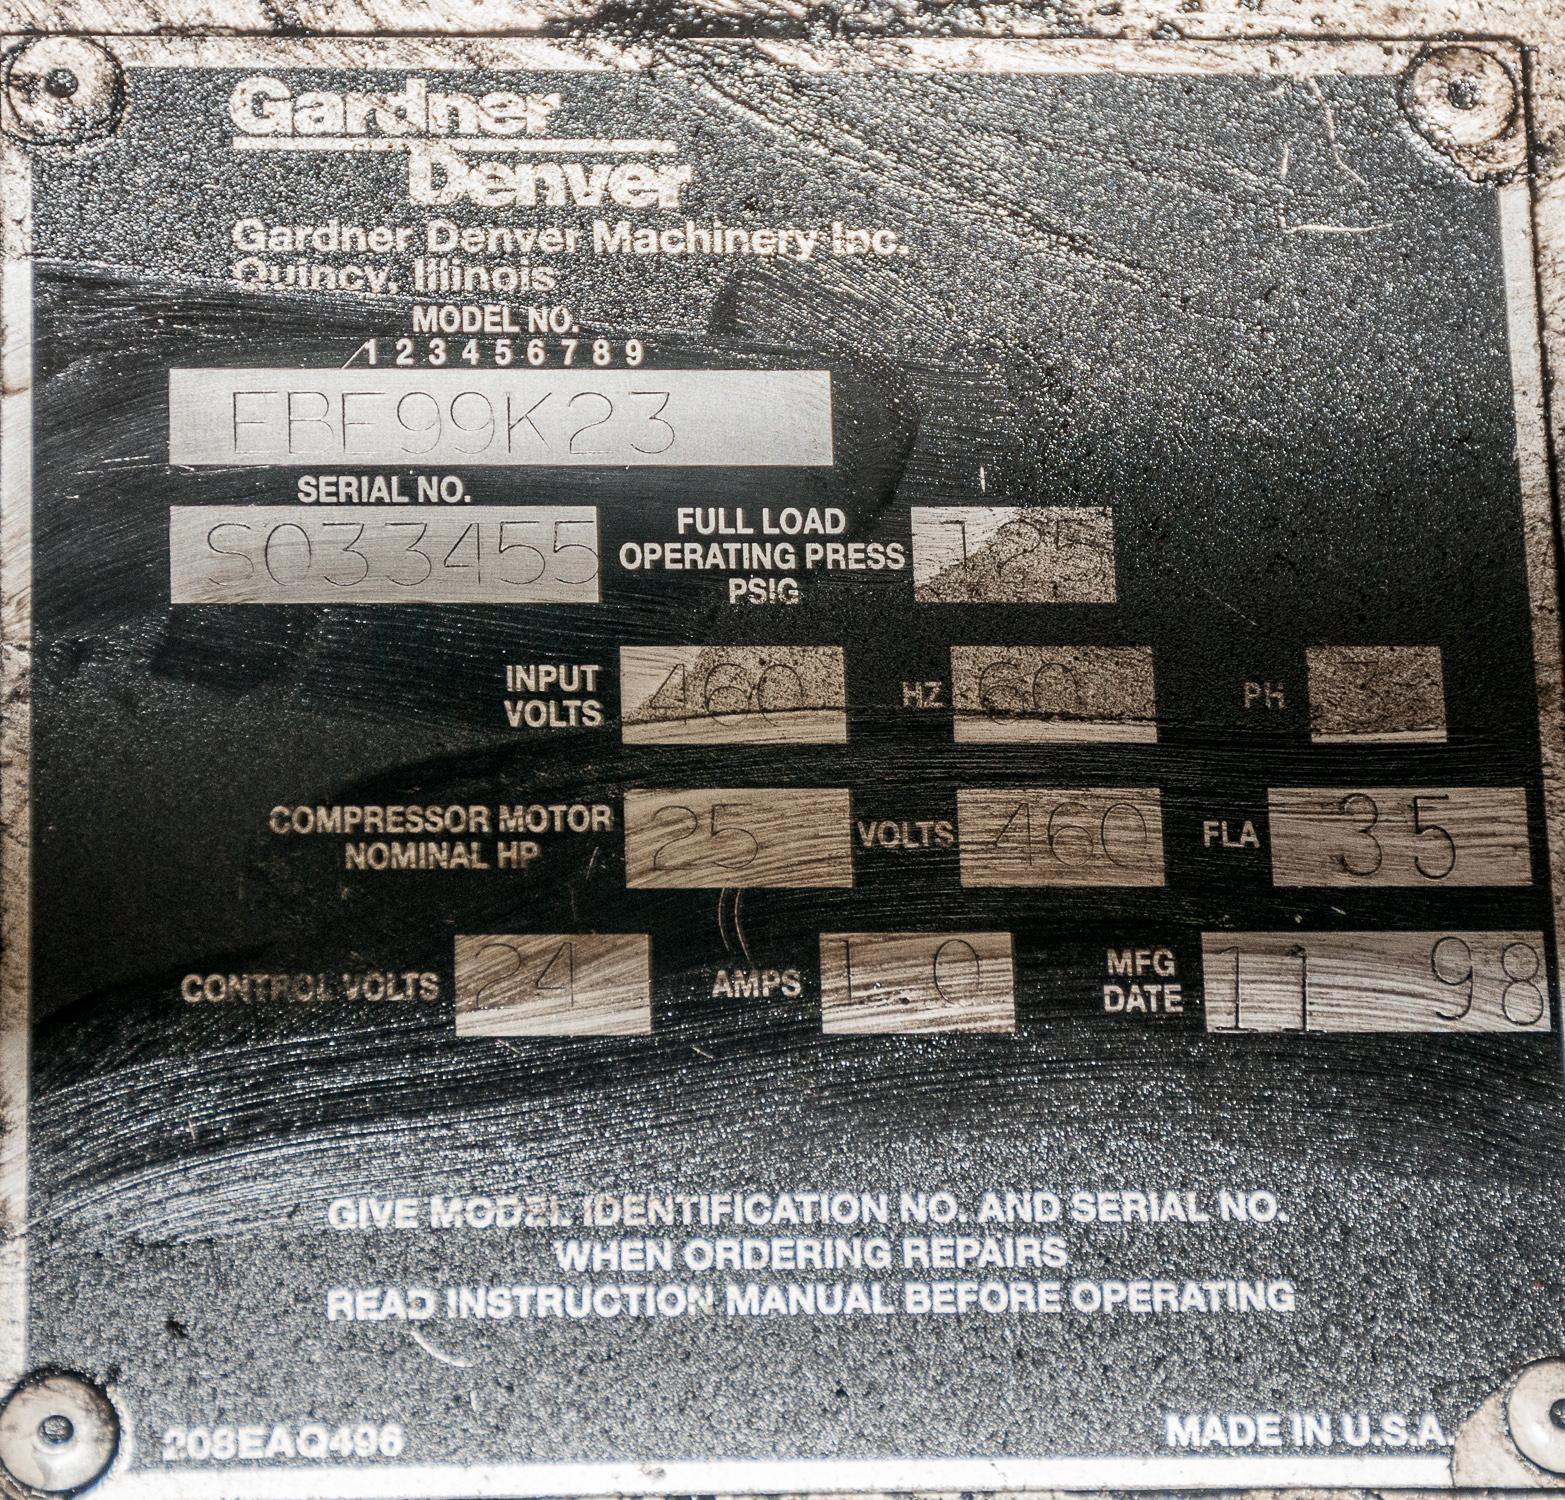 Gardner Denver Electra Screw Air Compressor Mdl. EBE99K23, s/n S033455, 460v, 120 Gal Horizontal - Image 4 of 4